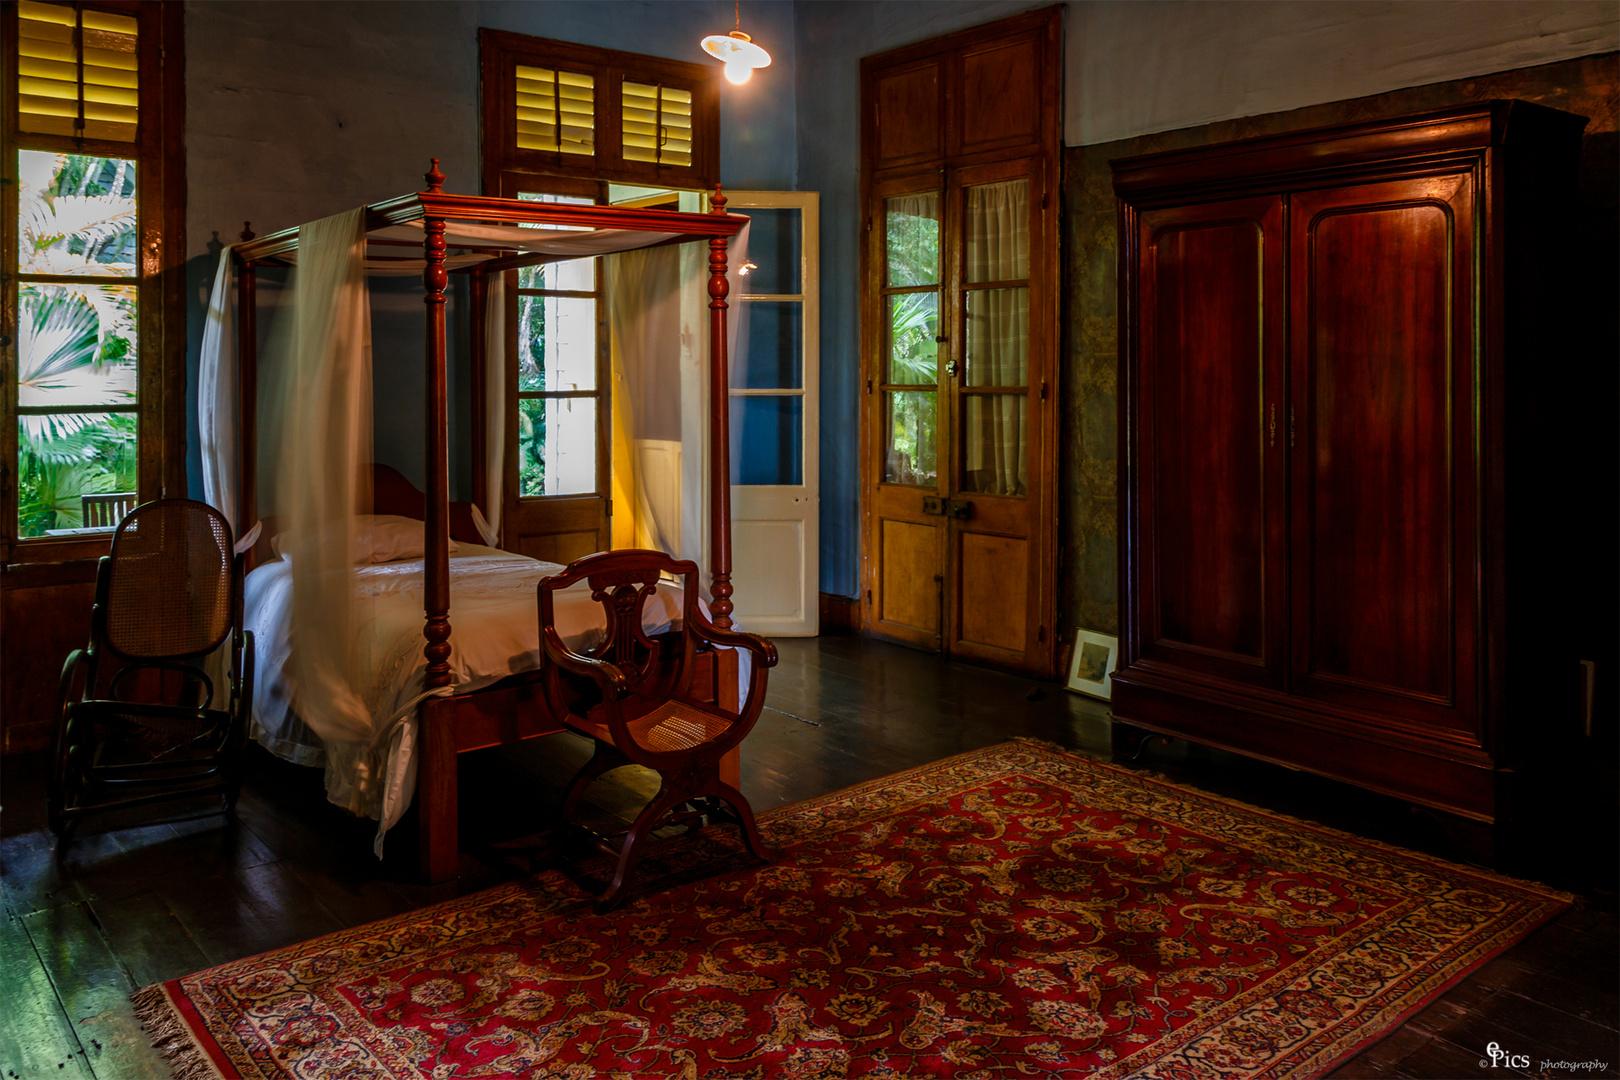 getrennte schlafzimmer? Foto & Bild | mauritius, antik, bett Bilder ...